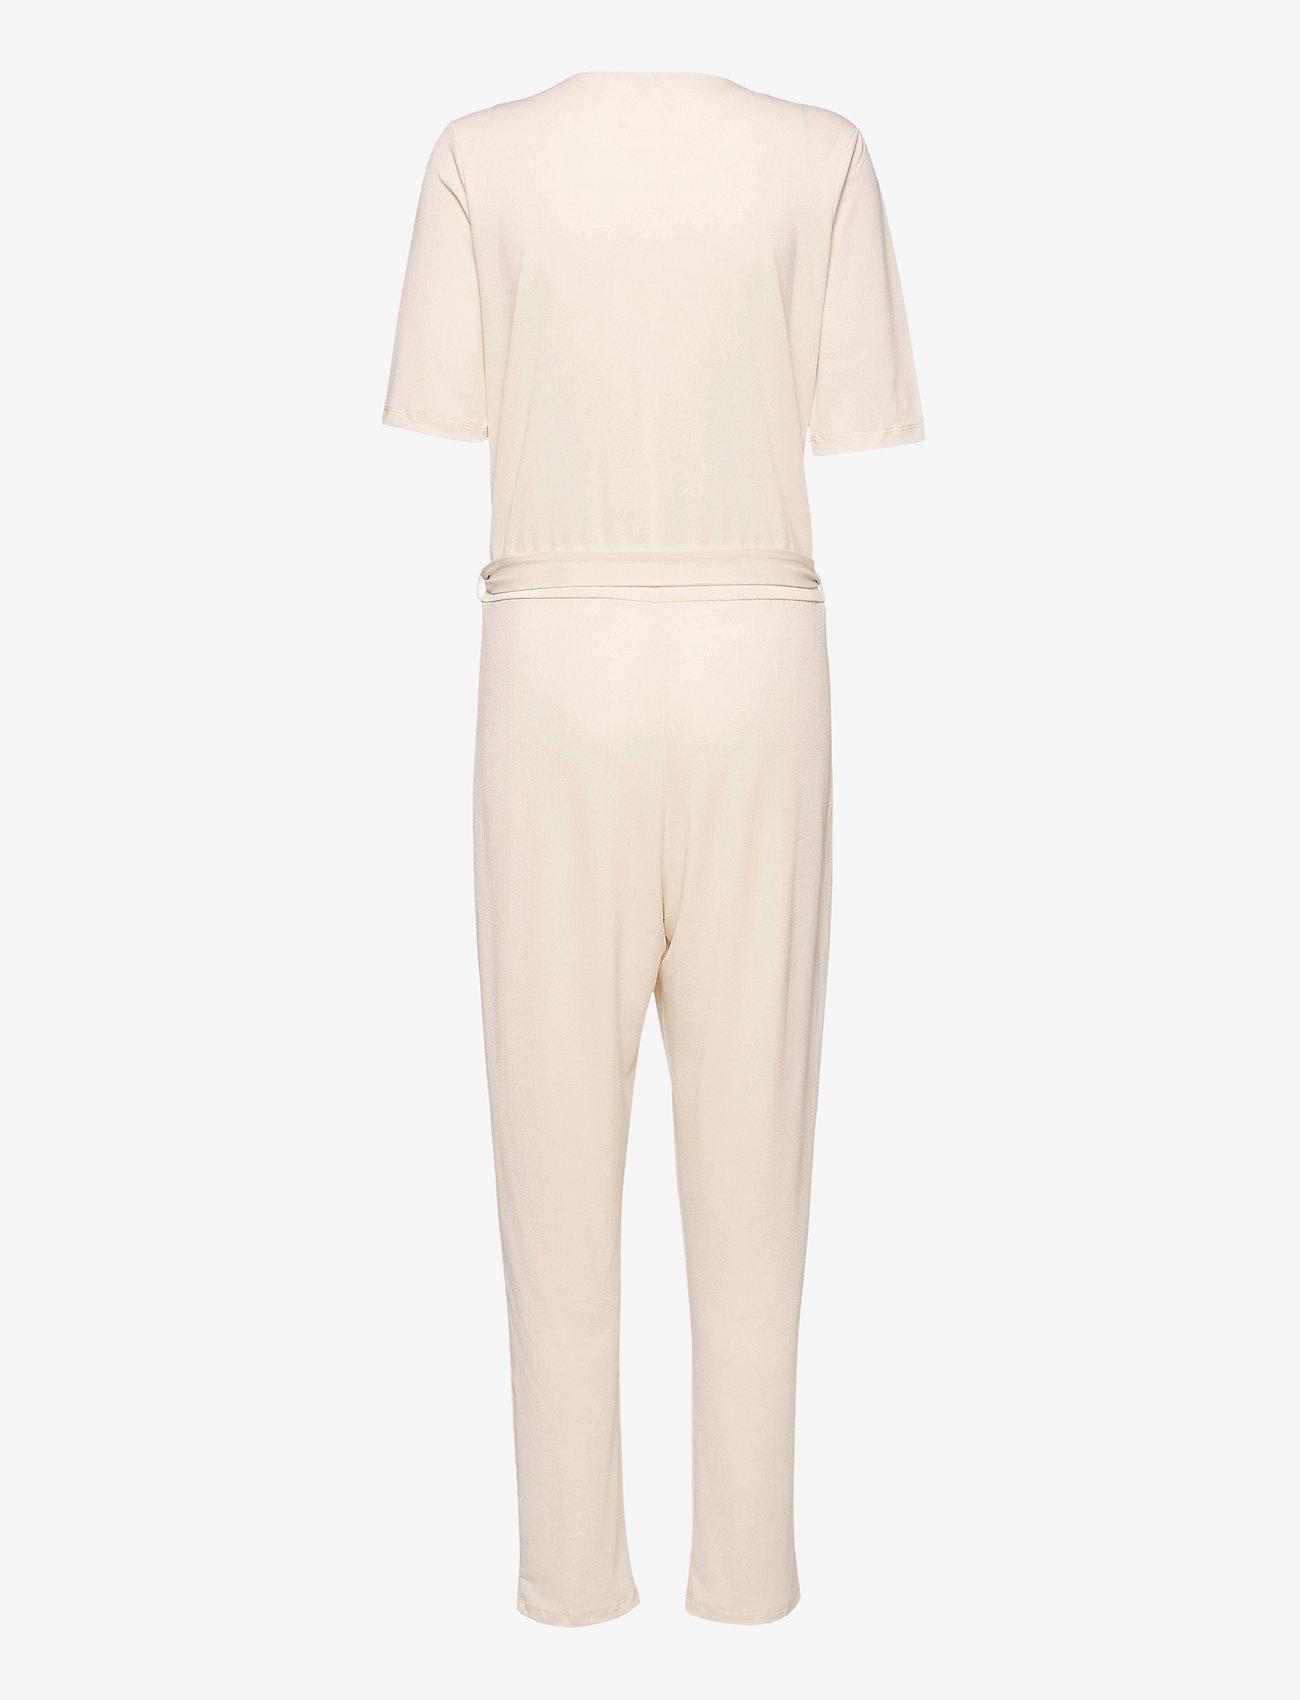 Soyaconcept - SC-OLIVA - clothing - cream - 1